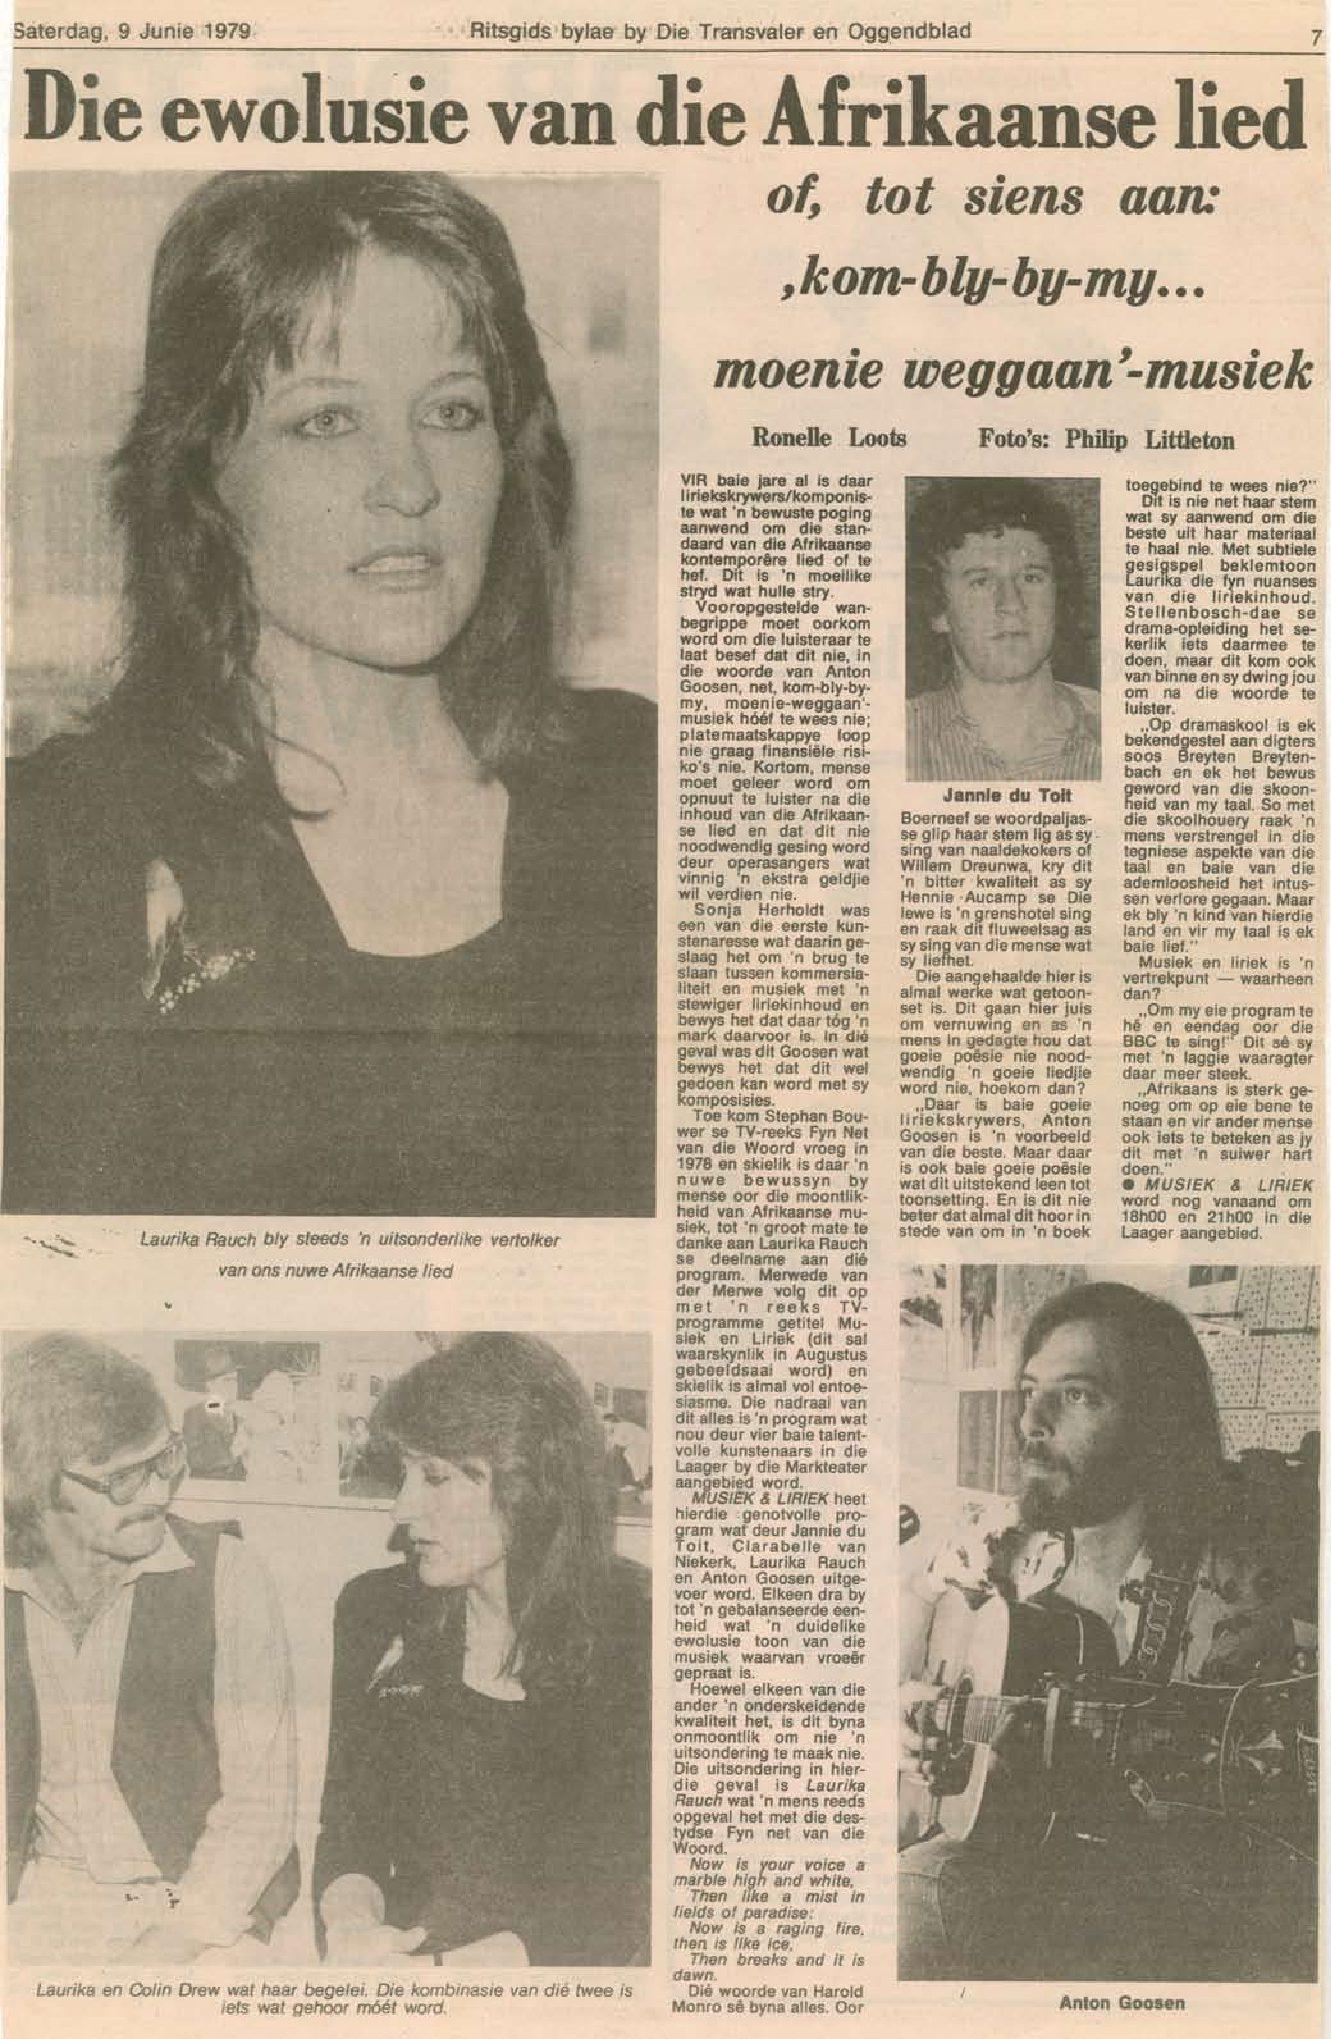 1979-die-transvaler-ewolusie-van-afrikaanse-lied